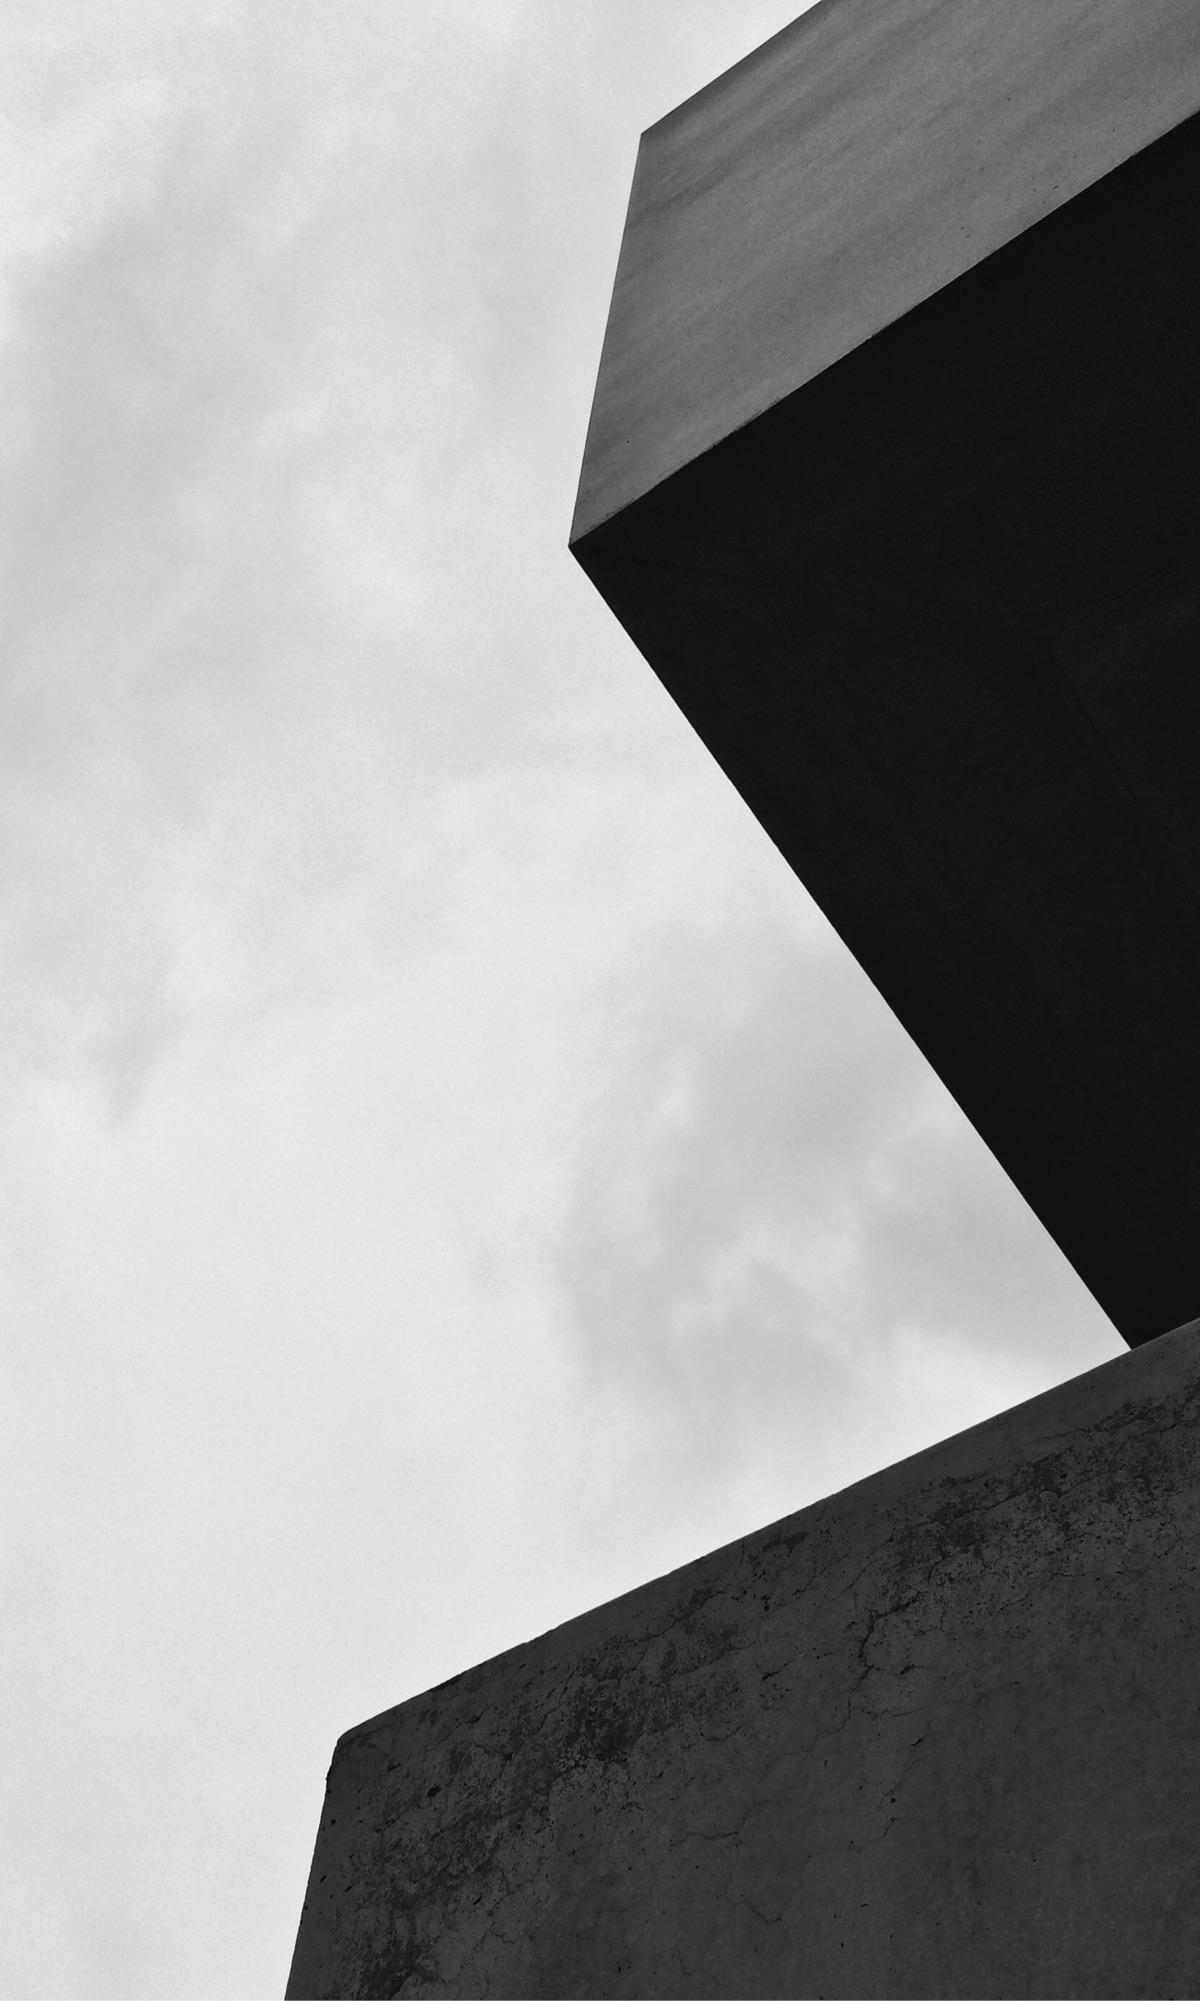 dessau - march 2017 - blackandwhite - claire_jsn | ello